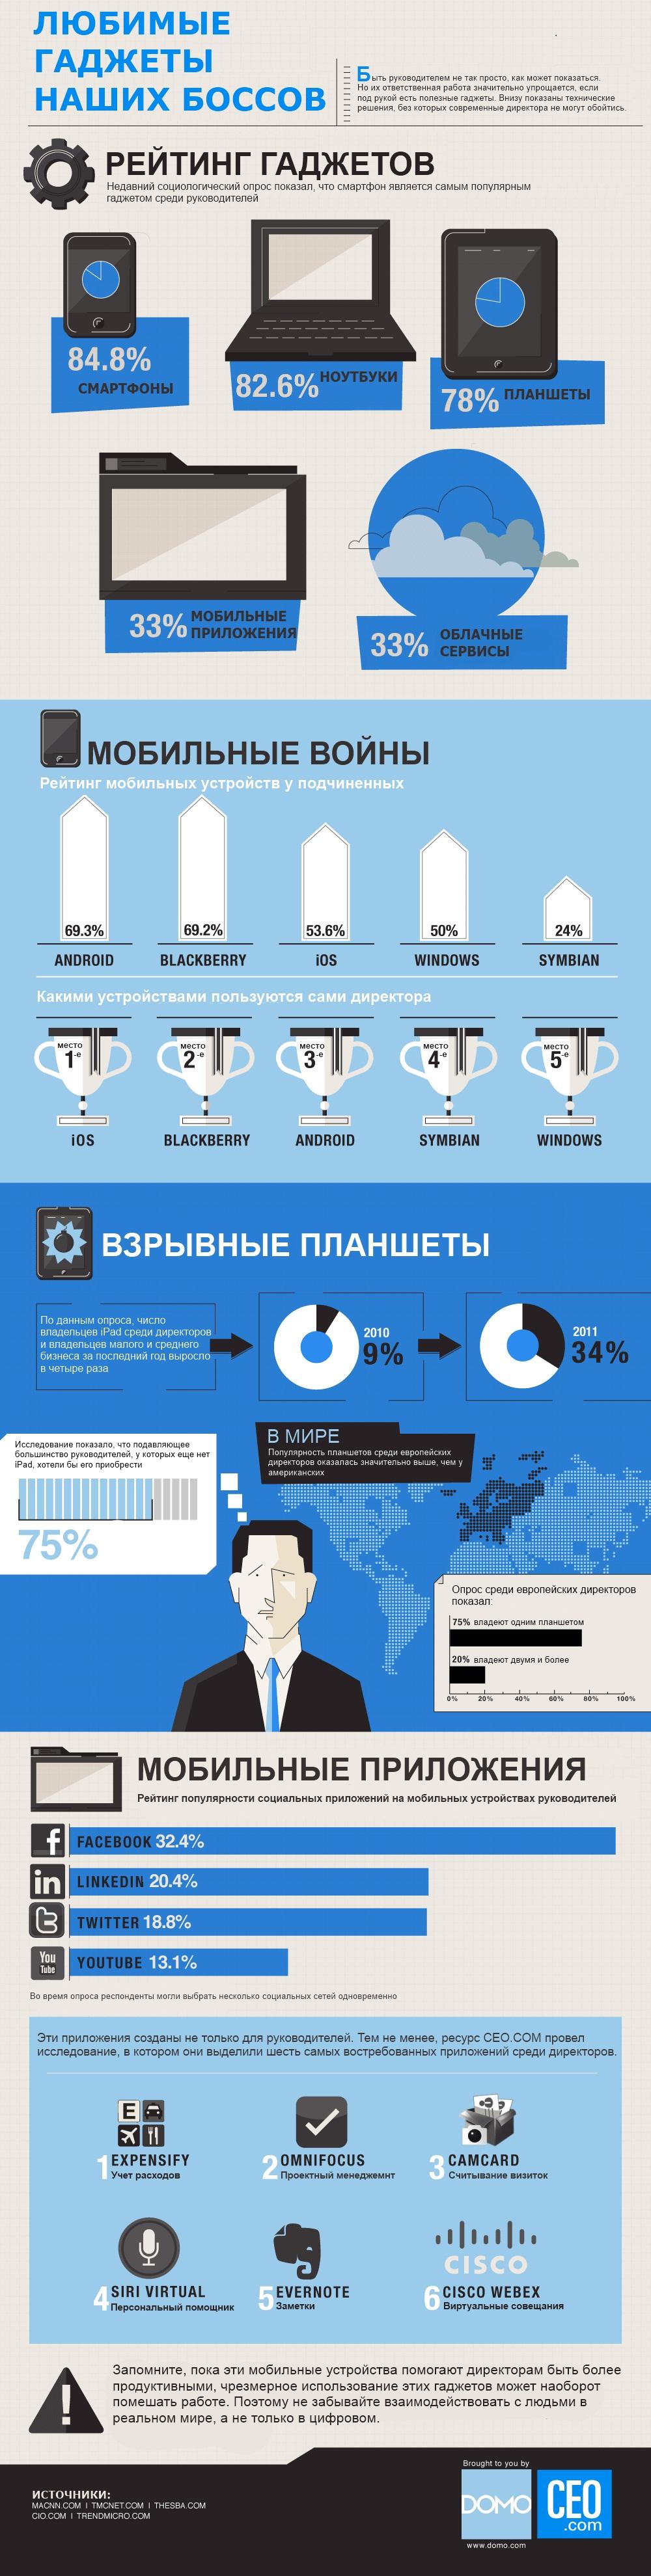 Инфографика популярных устройств наших боссов